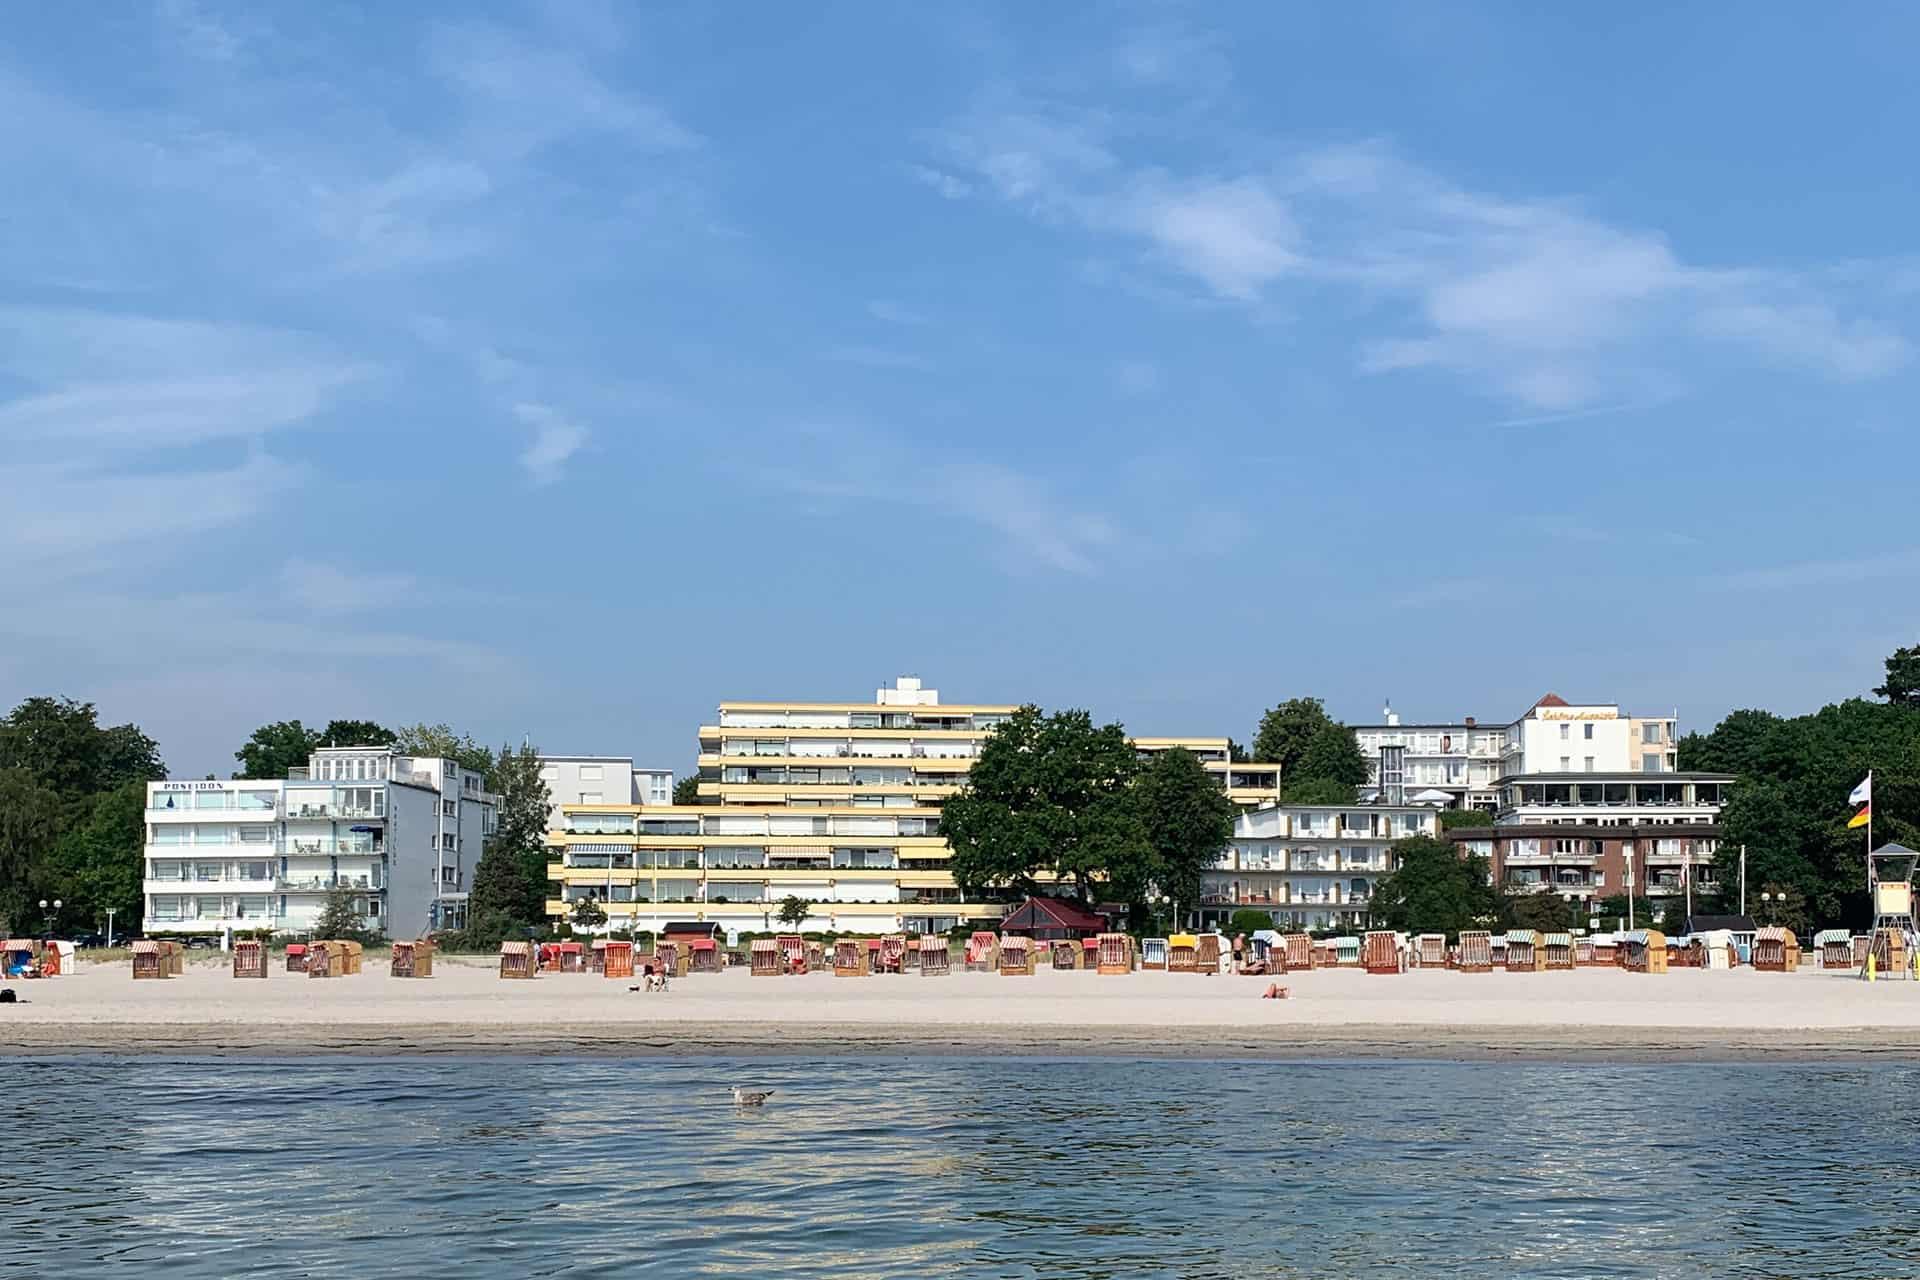 Appartementanlage Miramar Uferstrasse 16 in Grömitz